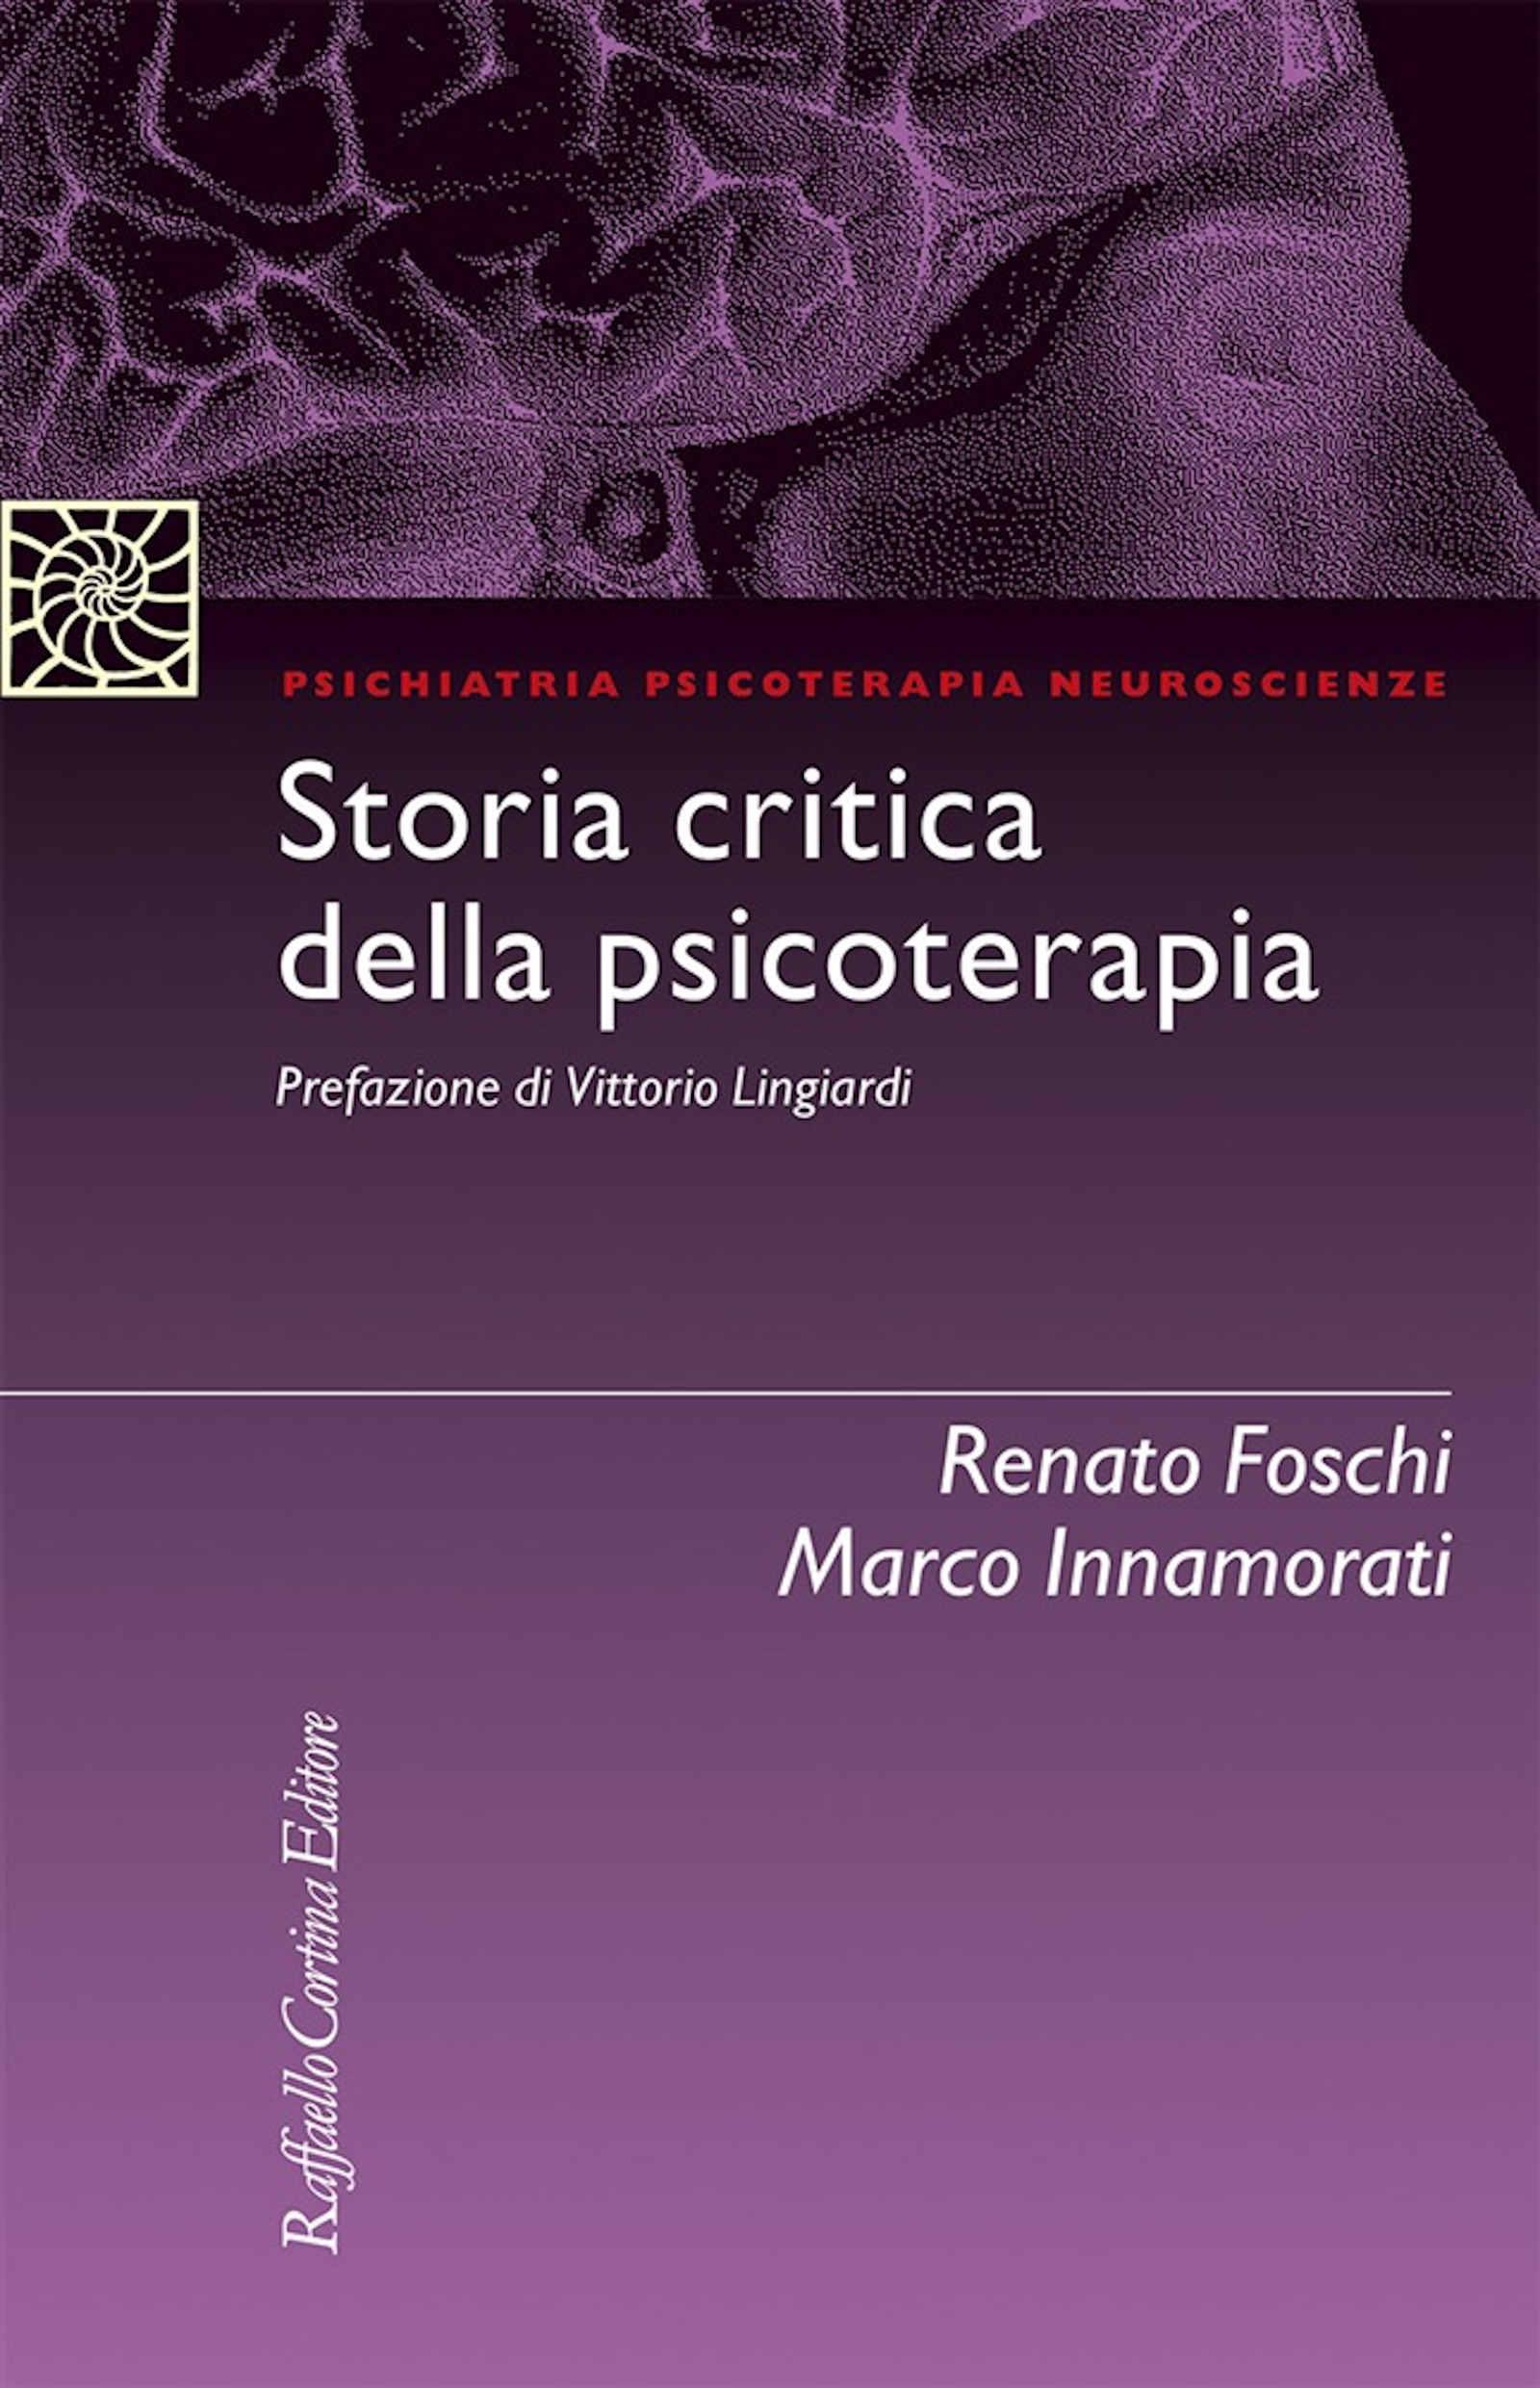 Storia Critica della Psicoterapia (2020) di R. Foschi e M. Innamorati – Recensione